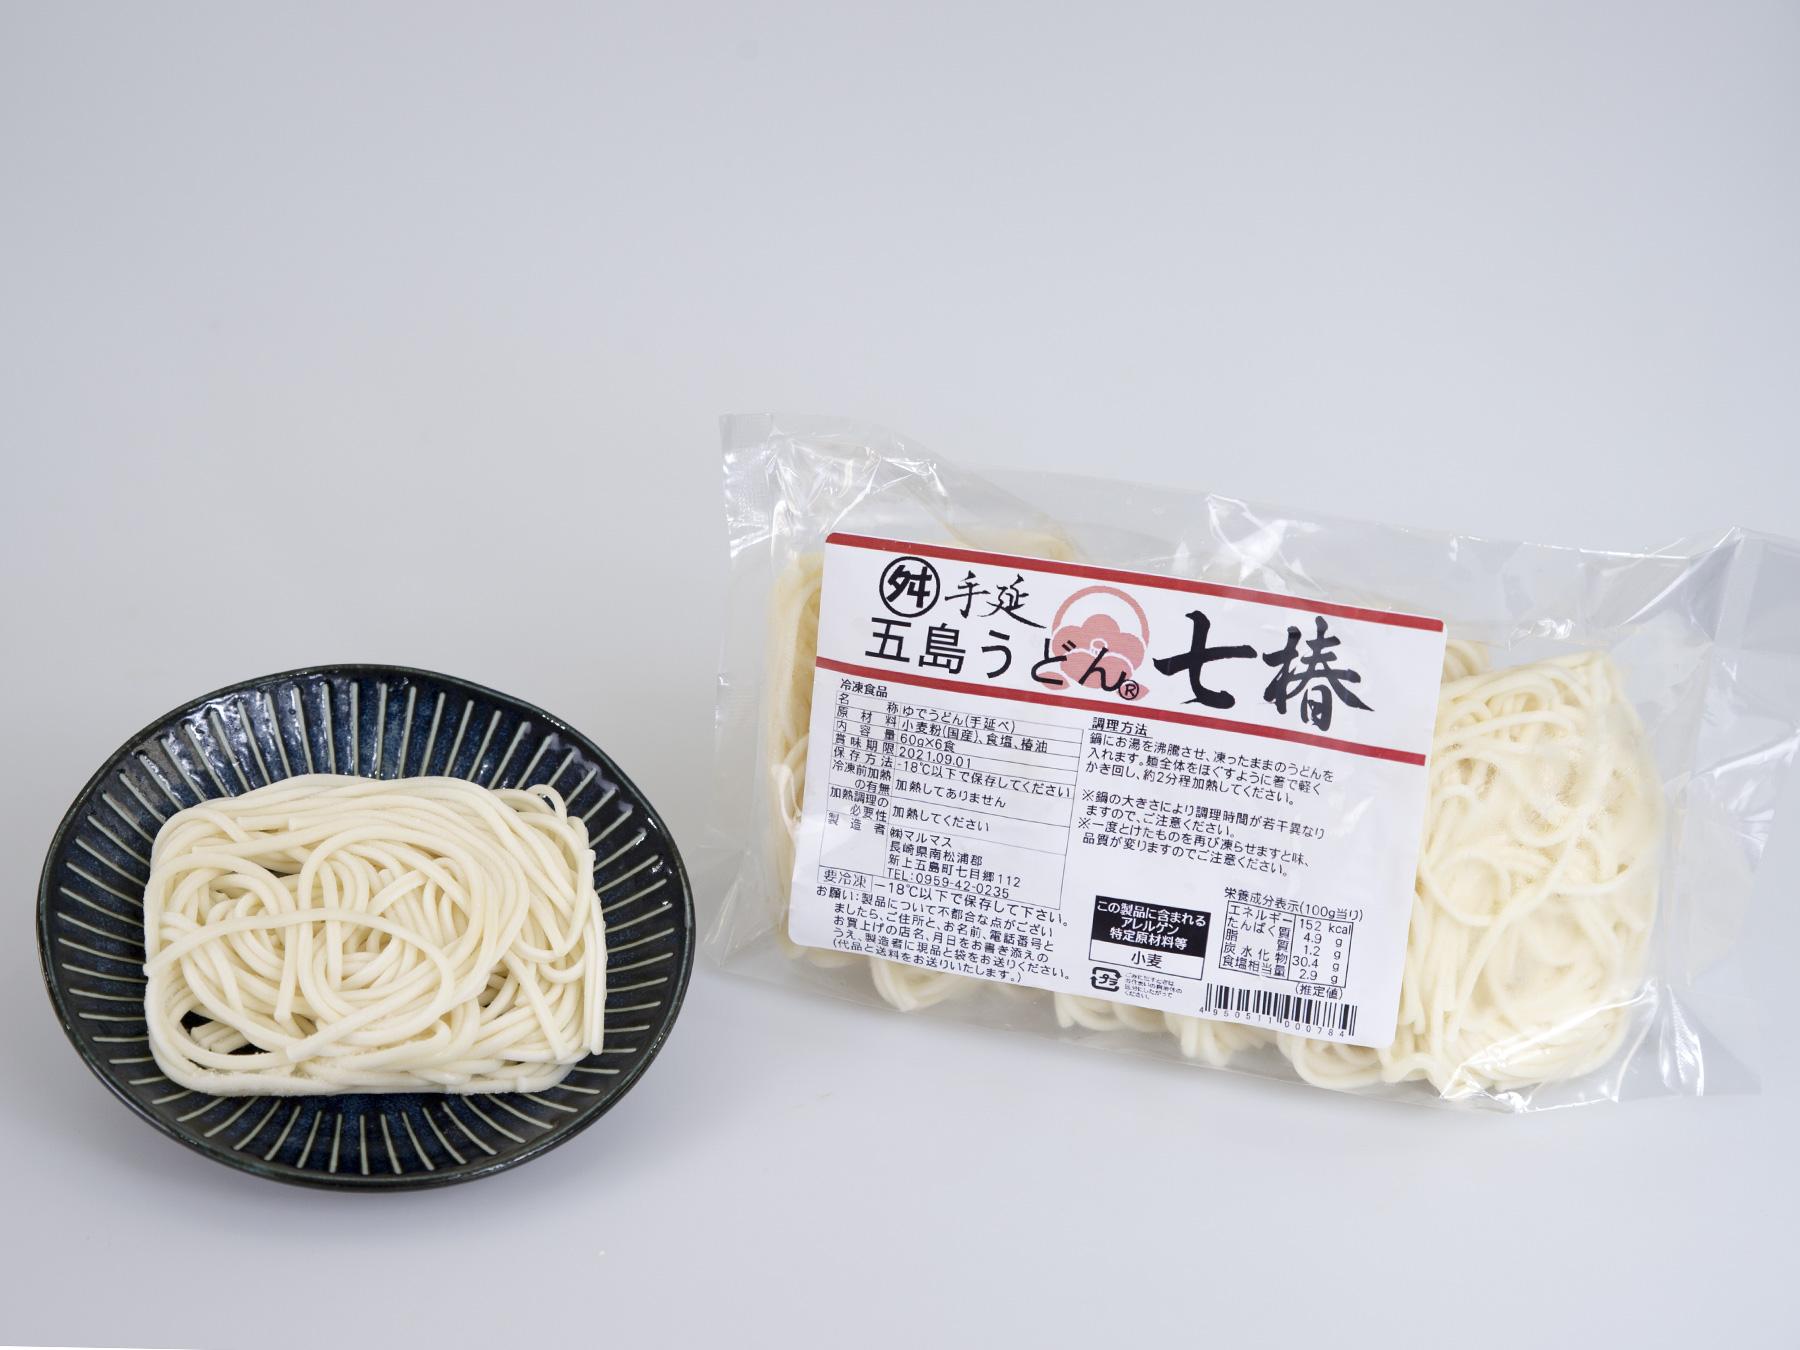 冷凍五島手延うどん 七椿(国産小麦)ミニ6食入り